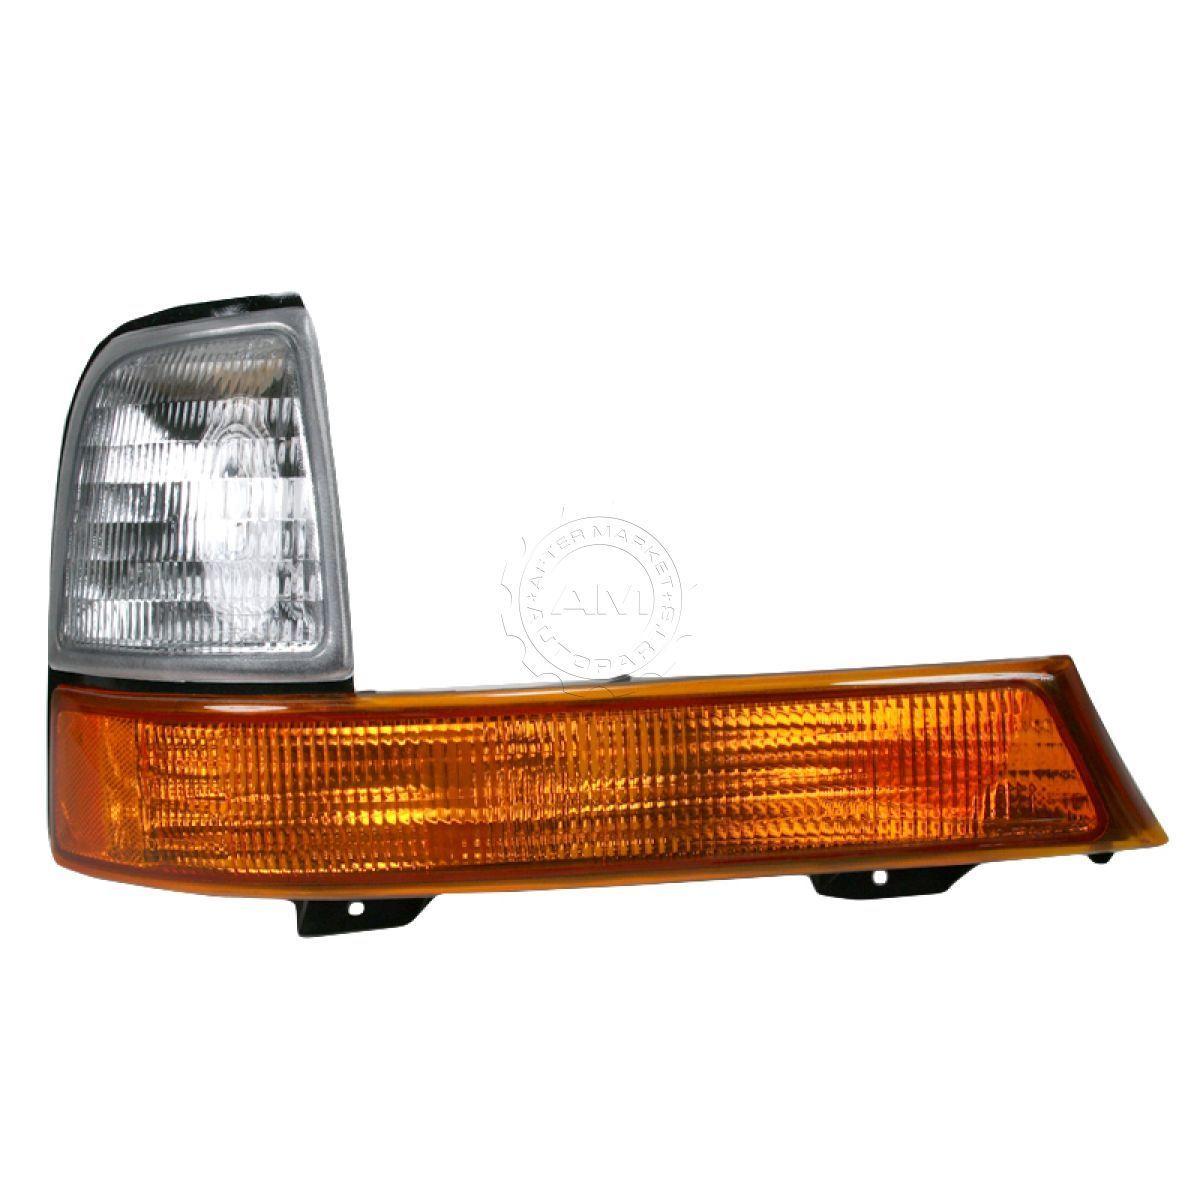 コーナーライト Side Marker Corner Parking Light RH Right Passengers for 98-00 Ranger Pickup サイドマーカコーナーパーキングライトRH右乗客98-00レンジャーピックアップ用